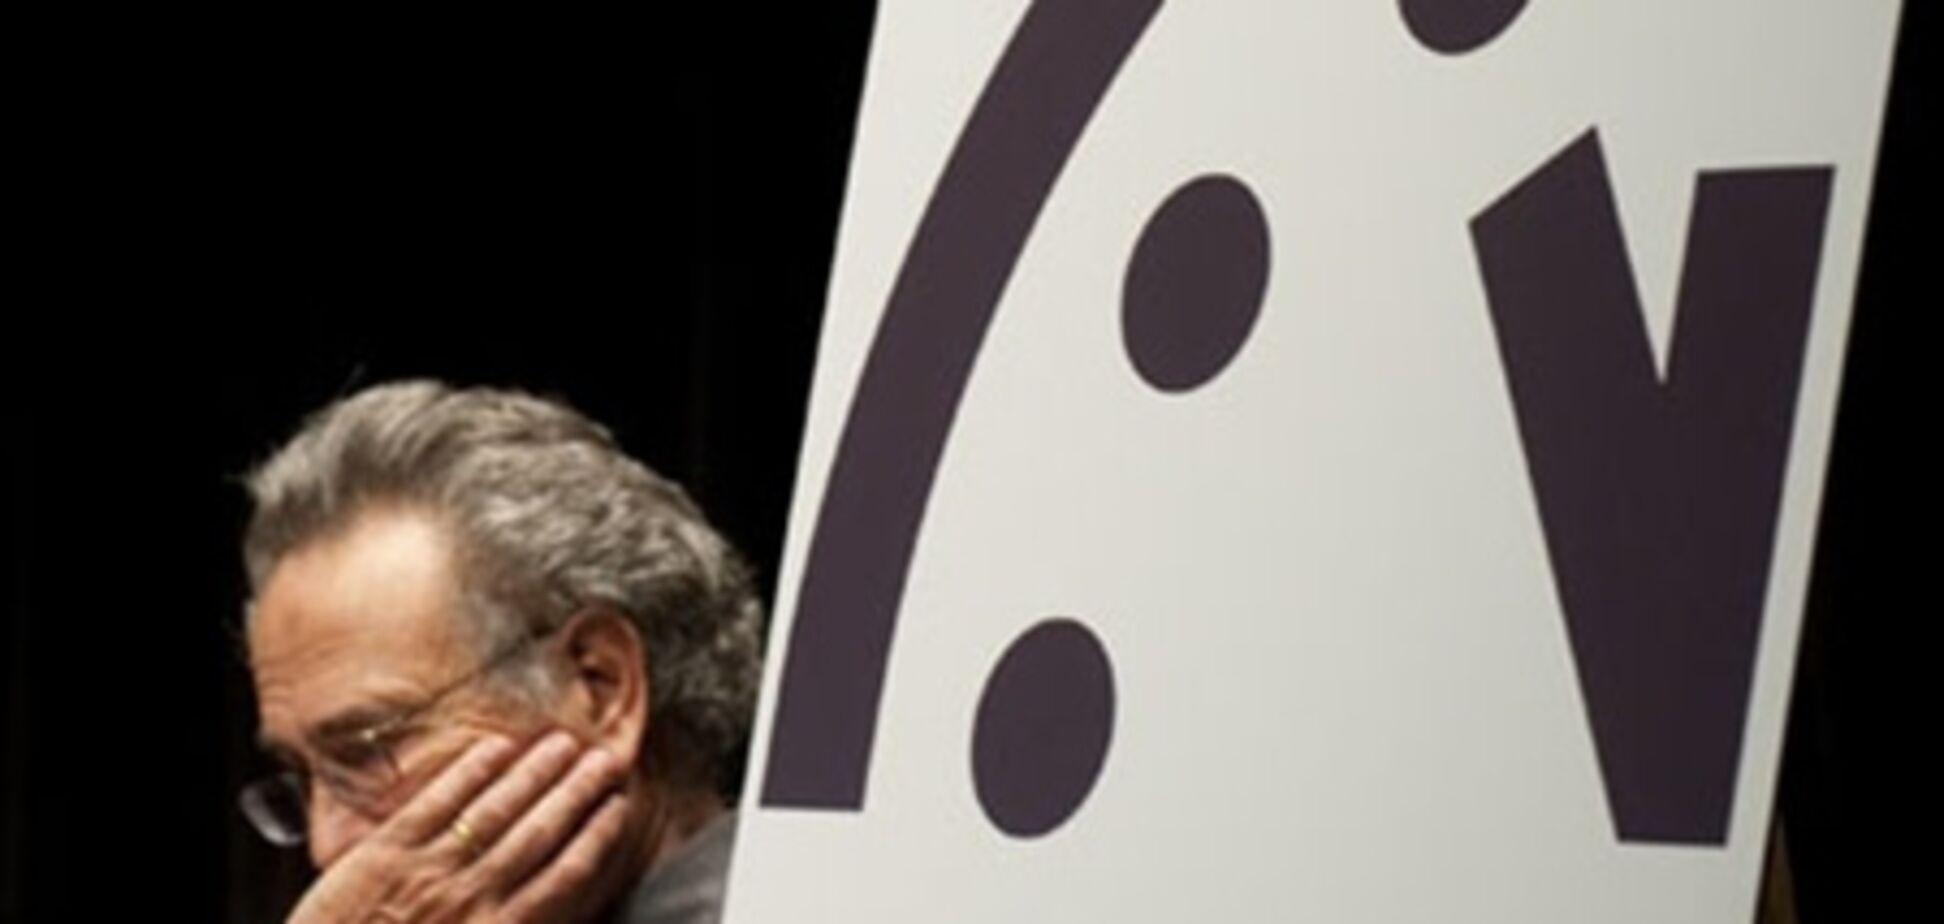 Світ на межі ядерної катастрофи: вчені перевели стрілку 'годинника судного дня'